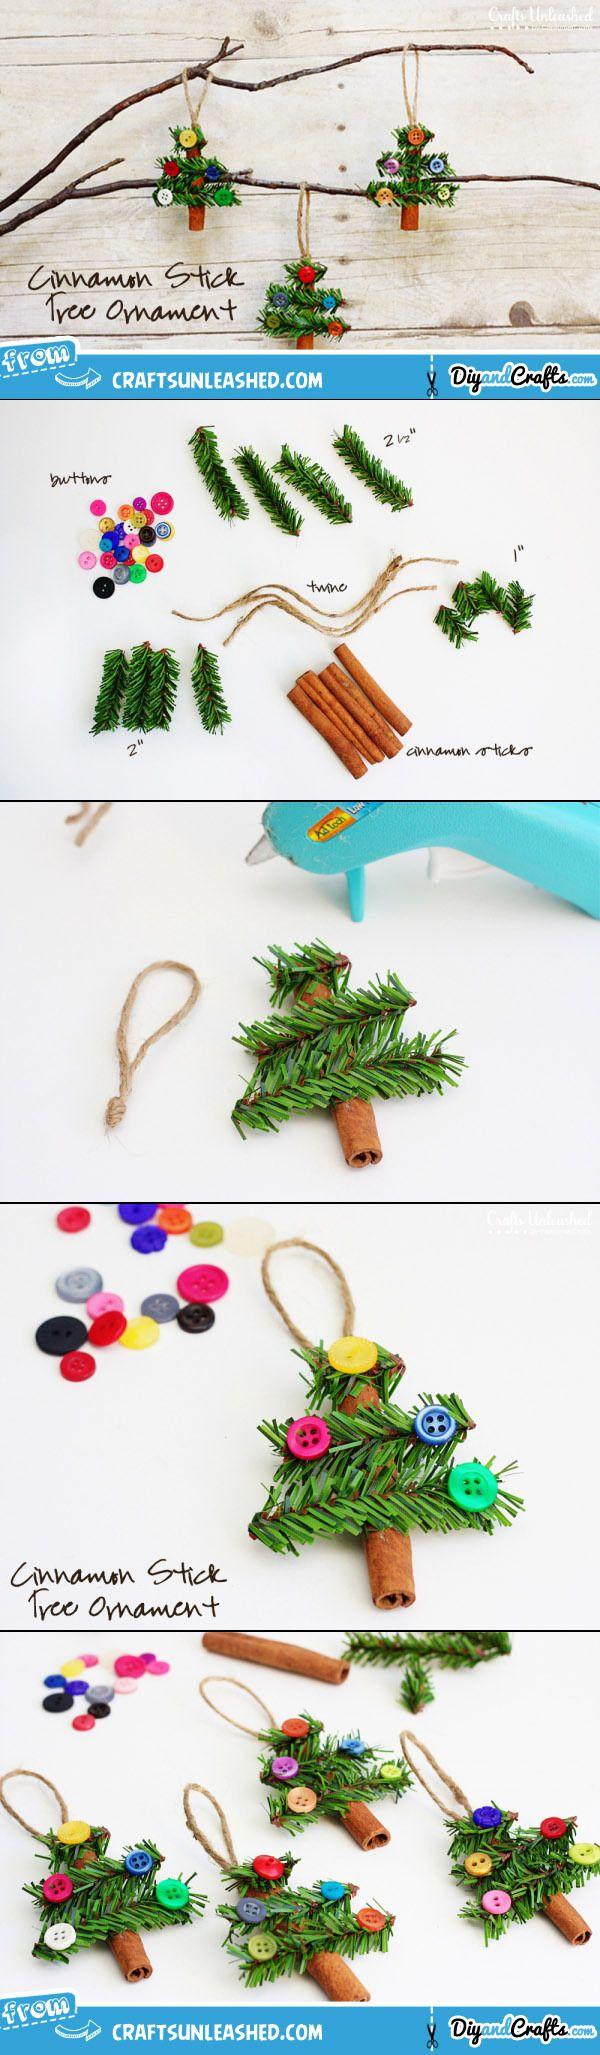 Adornos de Arbolitos de Navidad con canela en rama / Cinnamon Stick Tree…